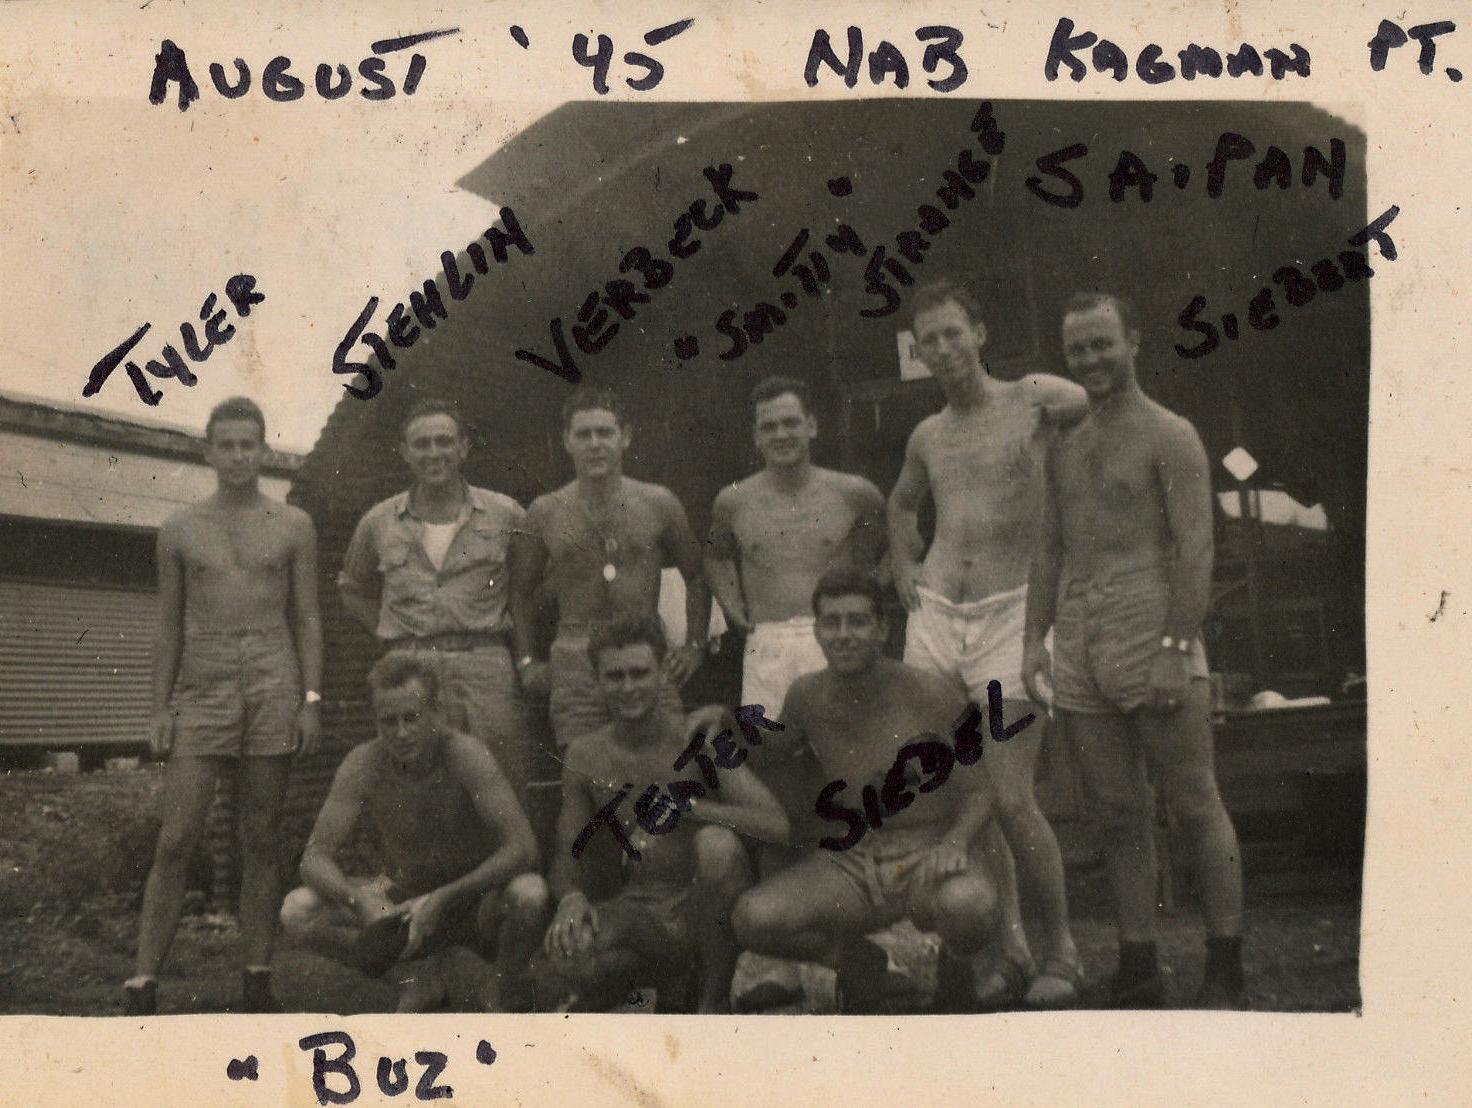 Aircrew USN VBF 8 pilots at NAB Kagman Point Aug 1945 01